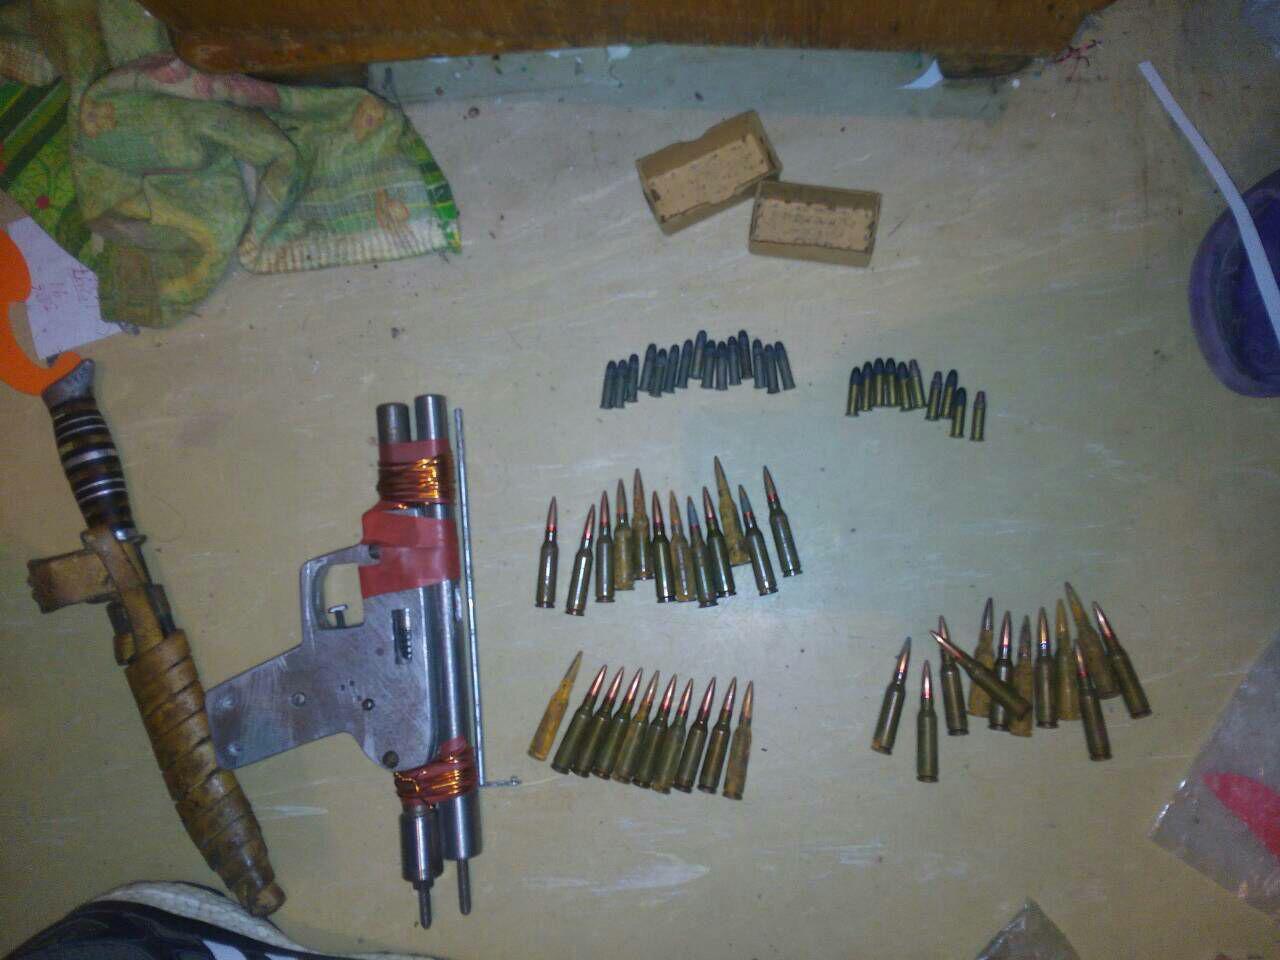 Прощай, оружие: Самодельное ружьё, нож и патроны изъяли у дружковского пенсионера, фото-1